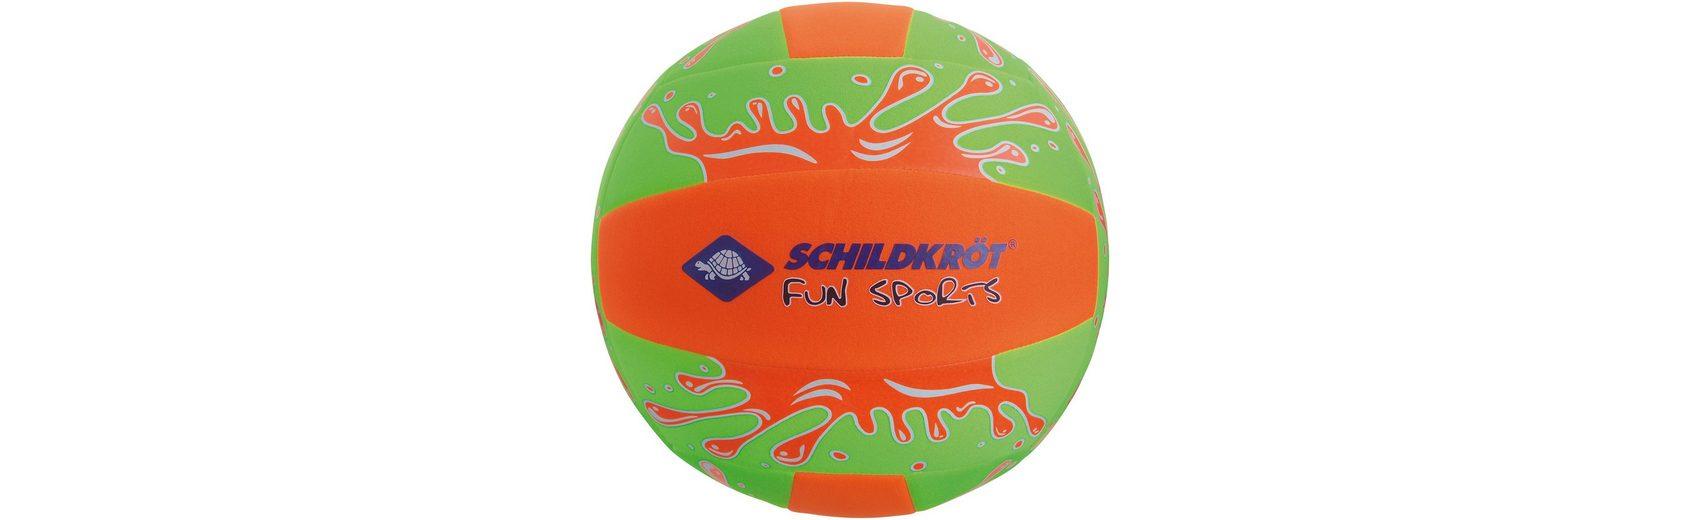 Schildkröt Funsports Schildkröt-Funsports Neopren Beachball XL